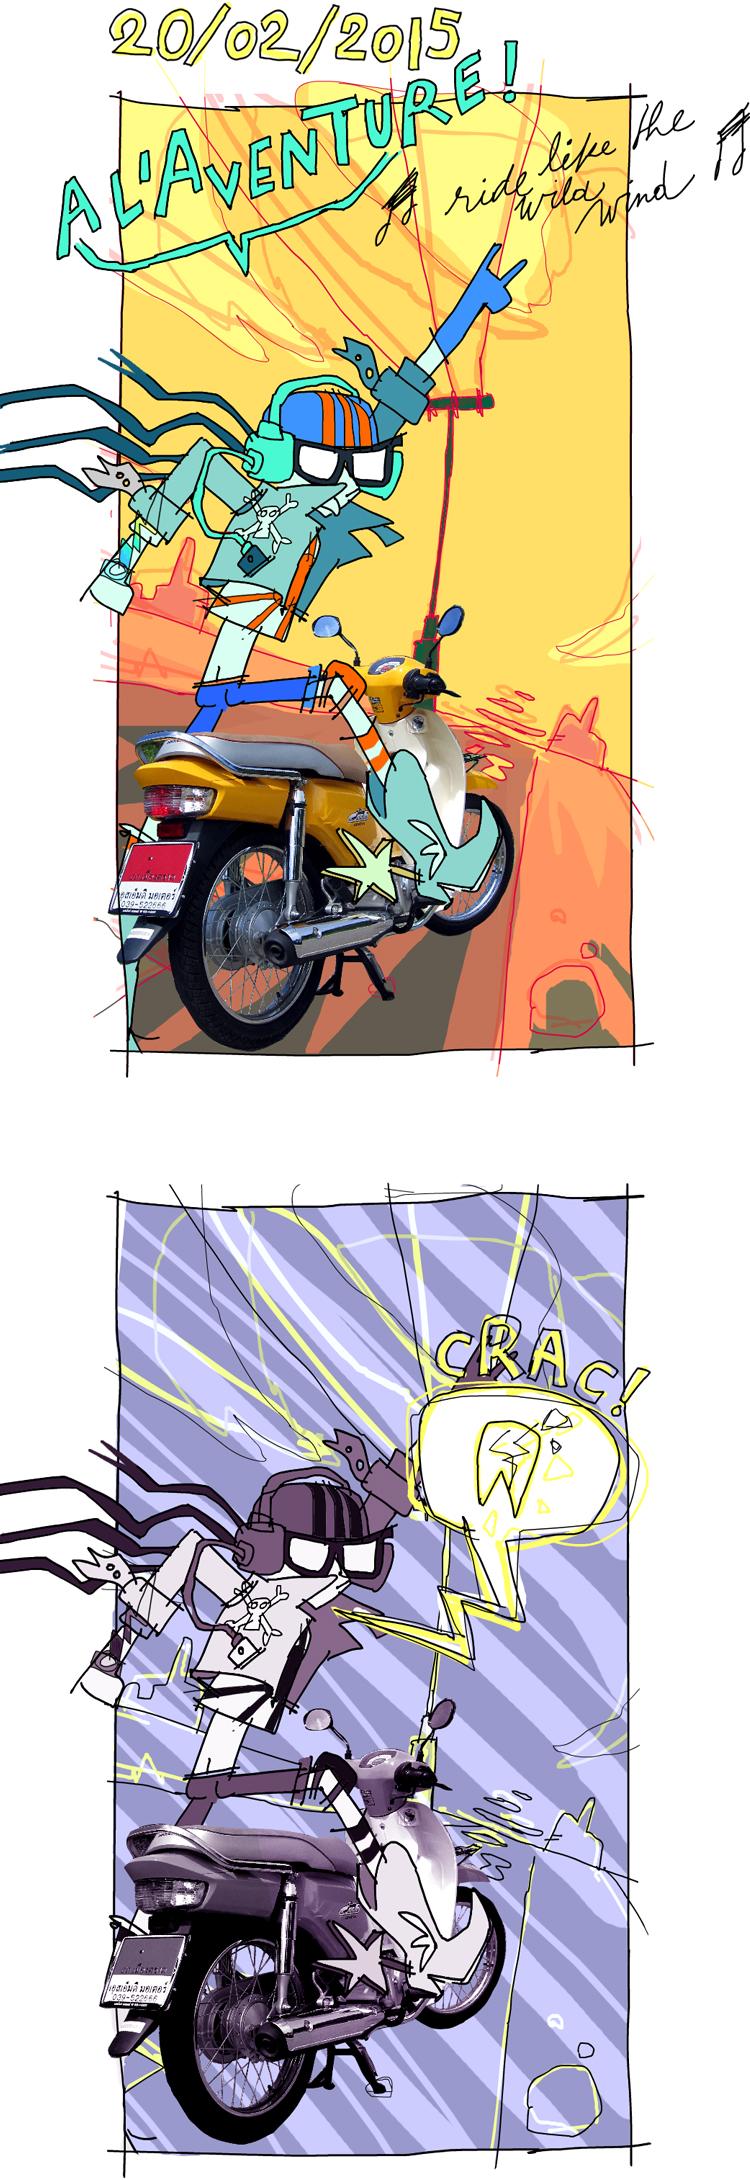 J'étais prête à partir à l'aventure, sur ma moto flamboyante... Quand une de mes dents a craqué